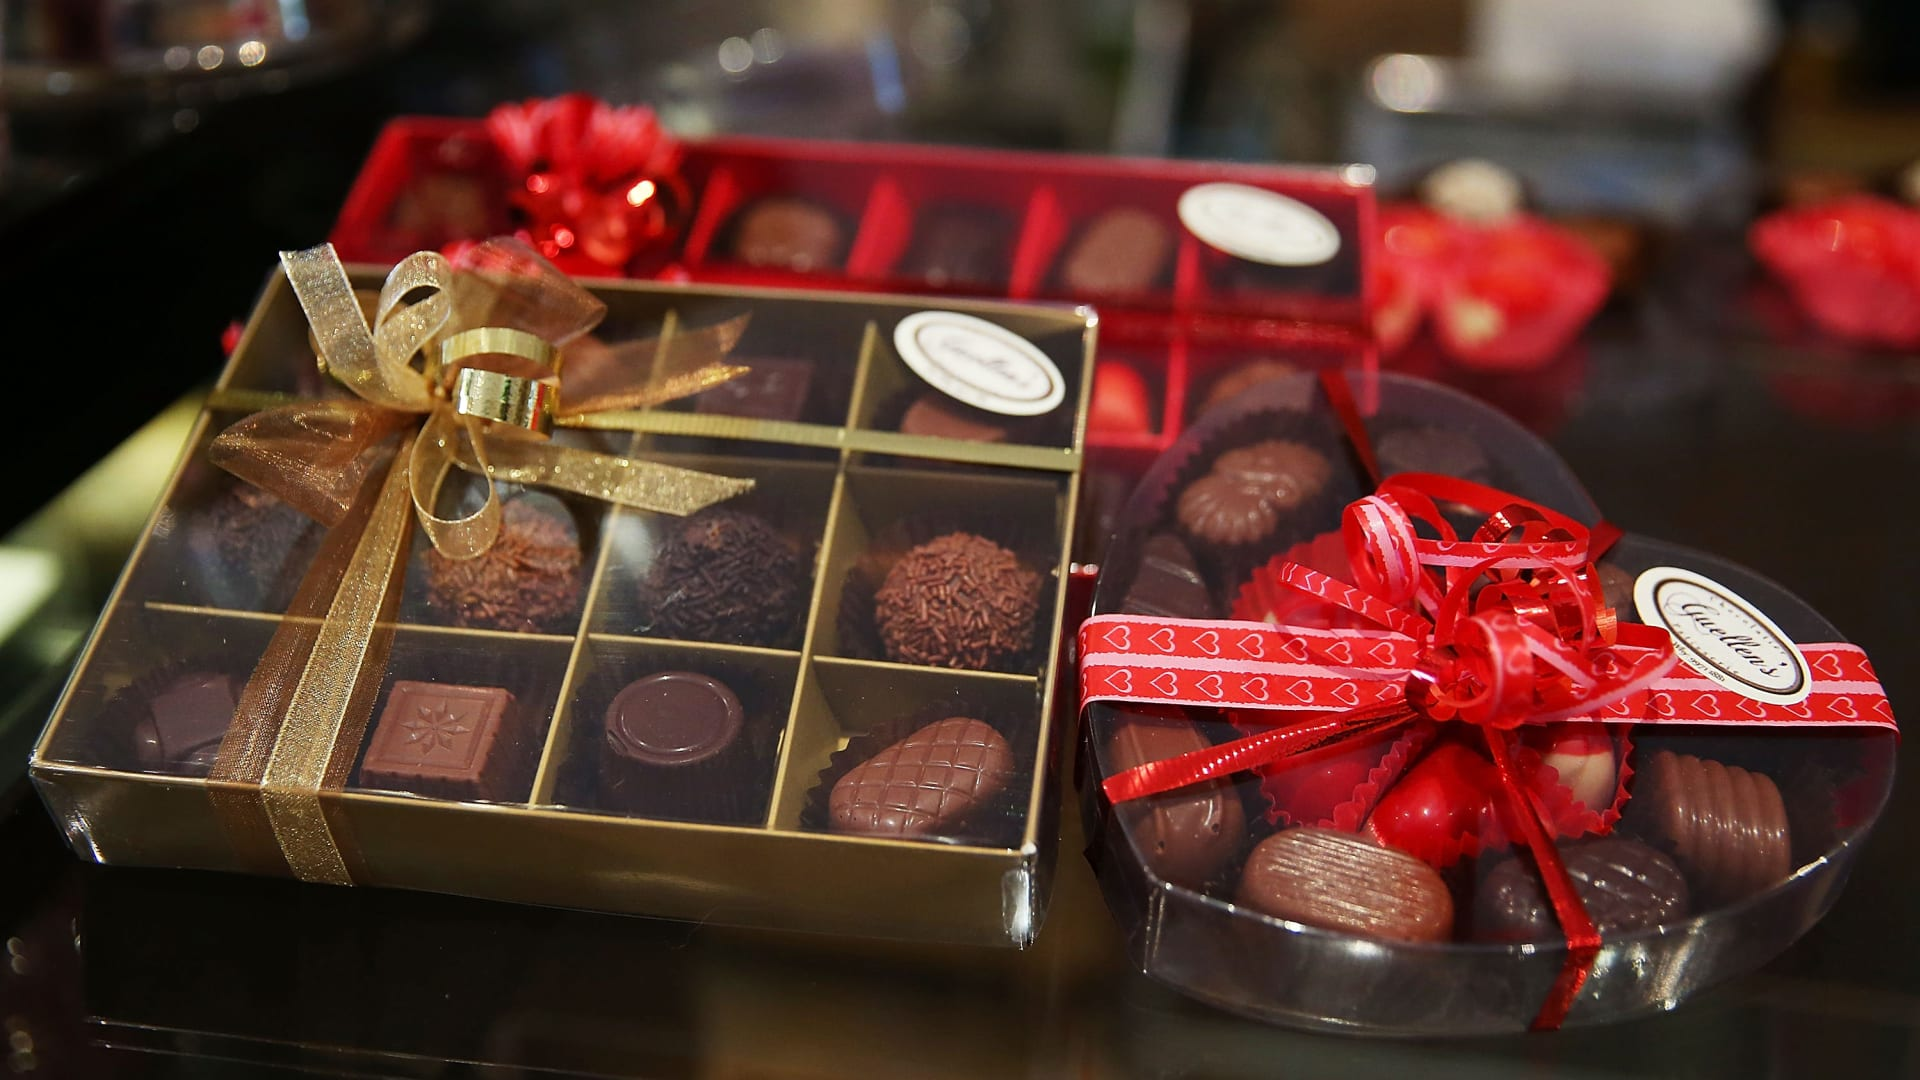 العلاقة بين الشوكولاته وعيد الحب ليست قديمة.. كيف ارتبط الإثنين ببعضهما البعض؟